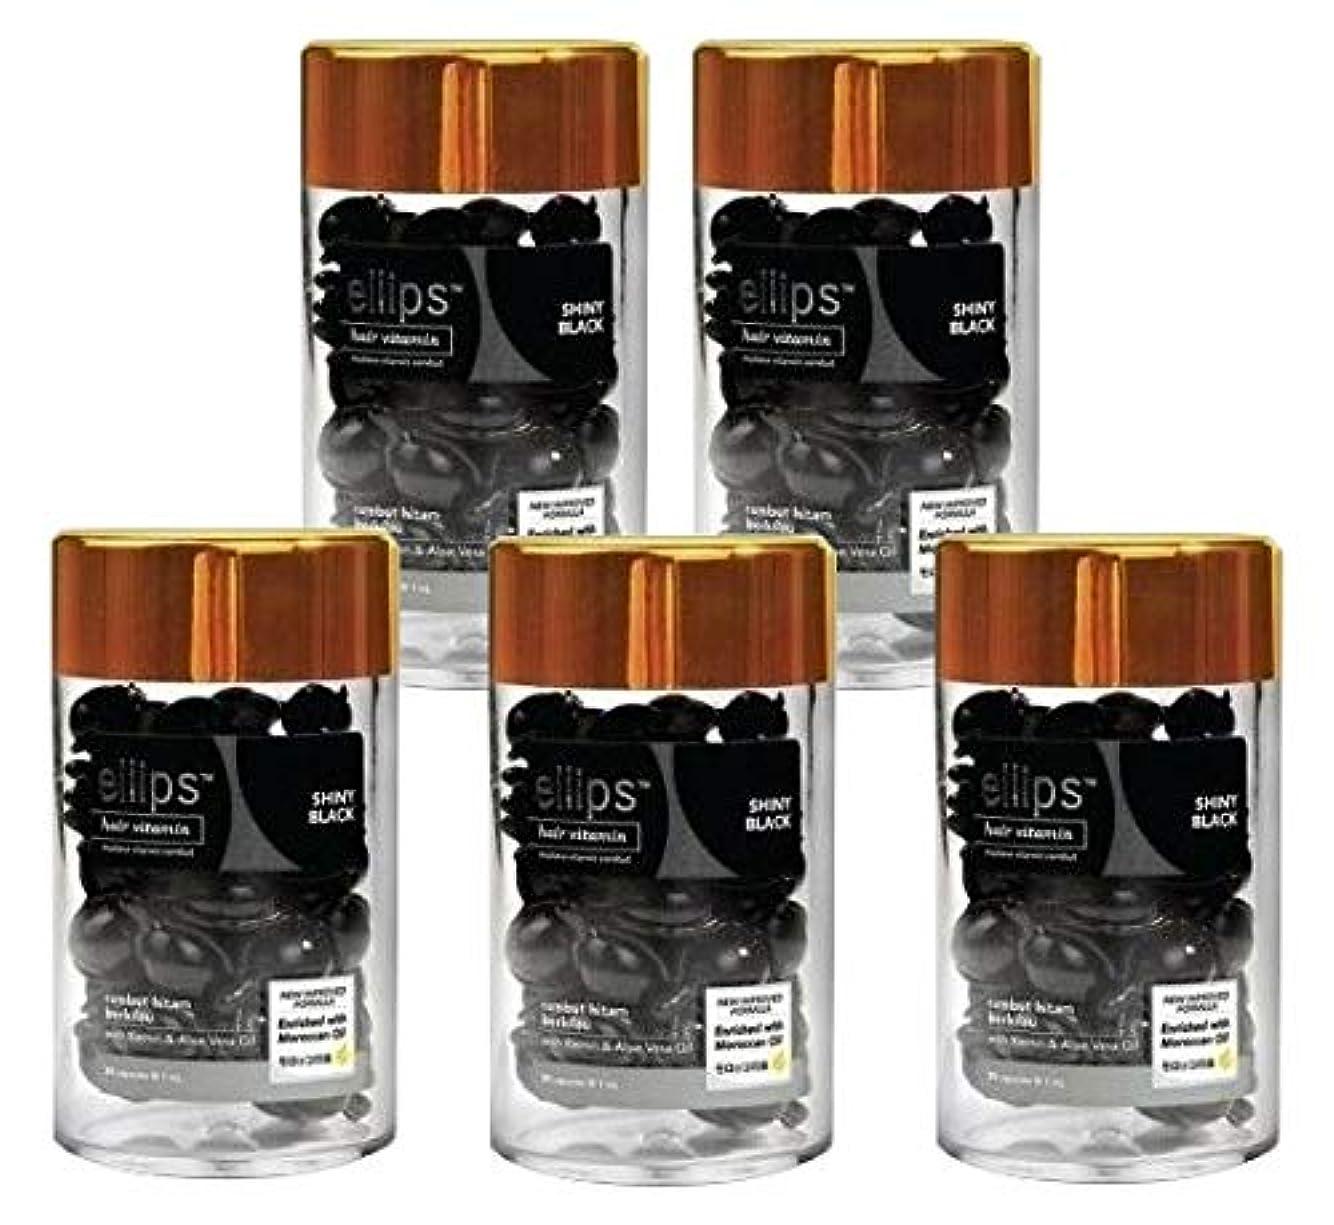 プロテスタント多年生彫るエリップス ellips ヘアビタミン ヘアトリートメント 50粒 ボトル ブラック お得な5本セット [並行輸入品]